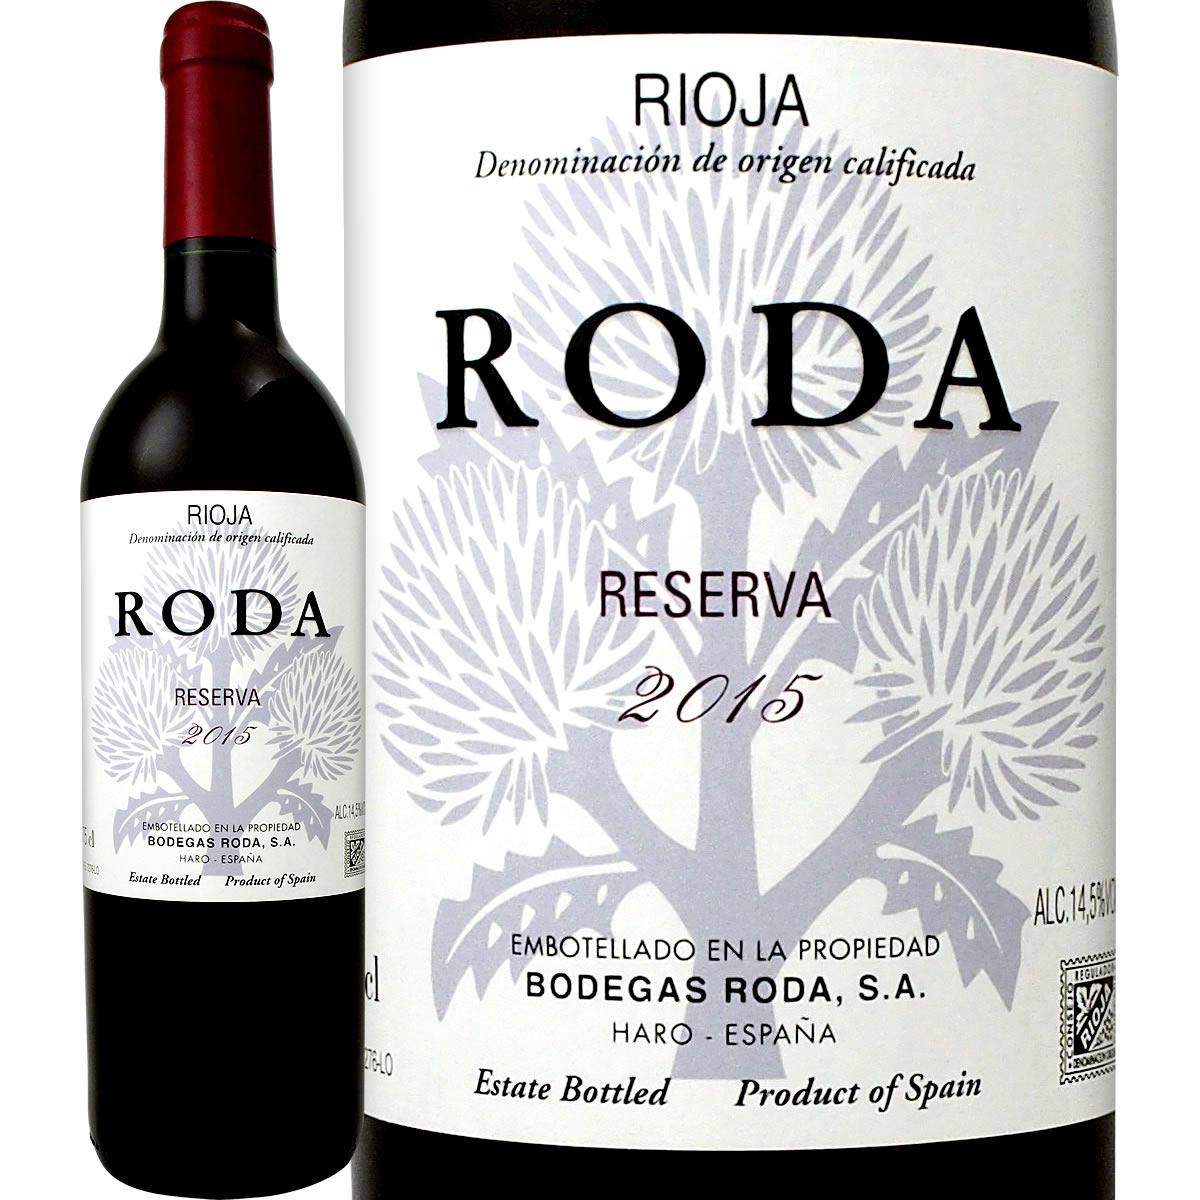 ロダ・レセルバ 2016<br><br>【スペイン】【赤ワイン】【750ml】【フルボディ】【リオハ】【銘醸地】【パーカー】【リオハ・アルタ】【正規品】